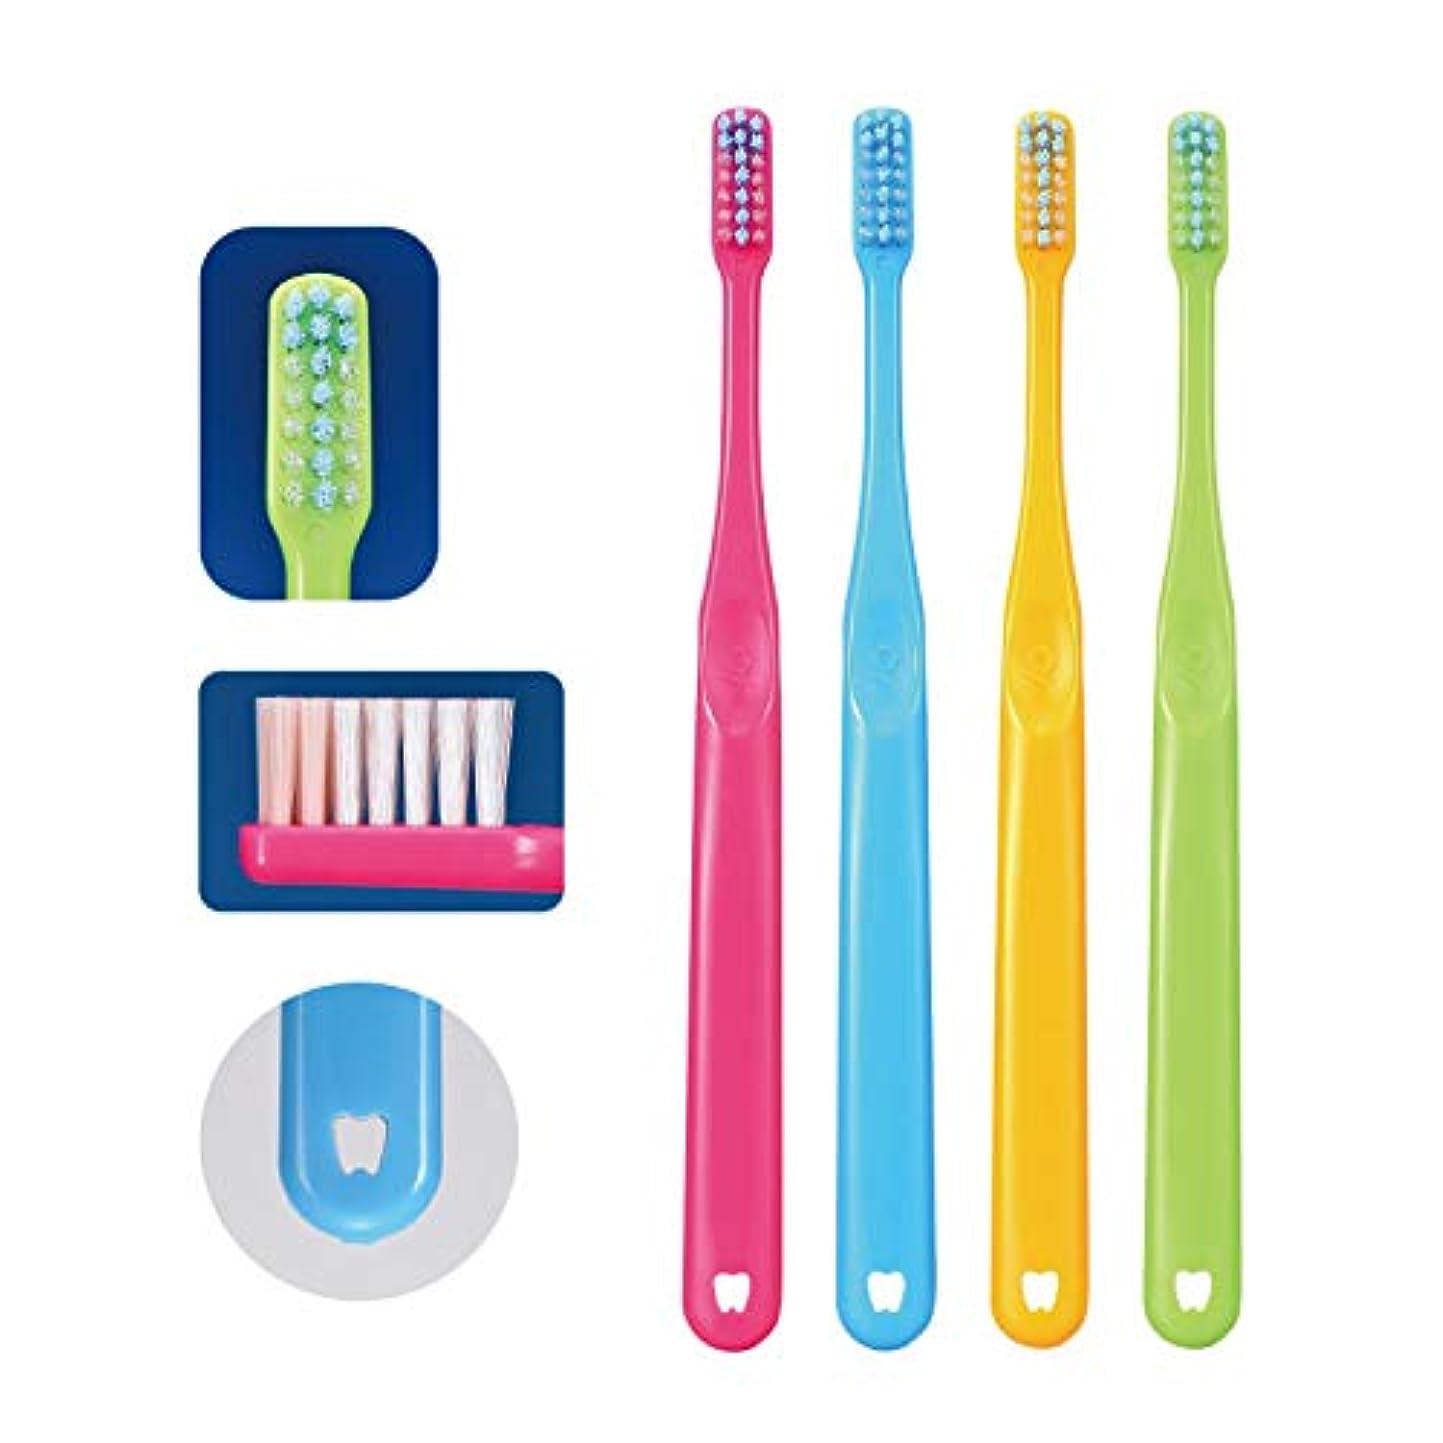 トランスペアレント傘才能のあるCi PRO PLUS プロプラス 歯ブラシ 20本 M(ふつう) 日本製 プラーク除去 歯科専売品